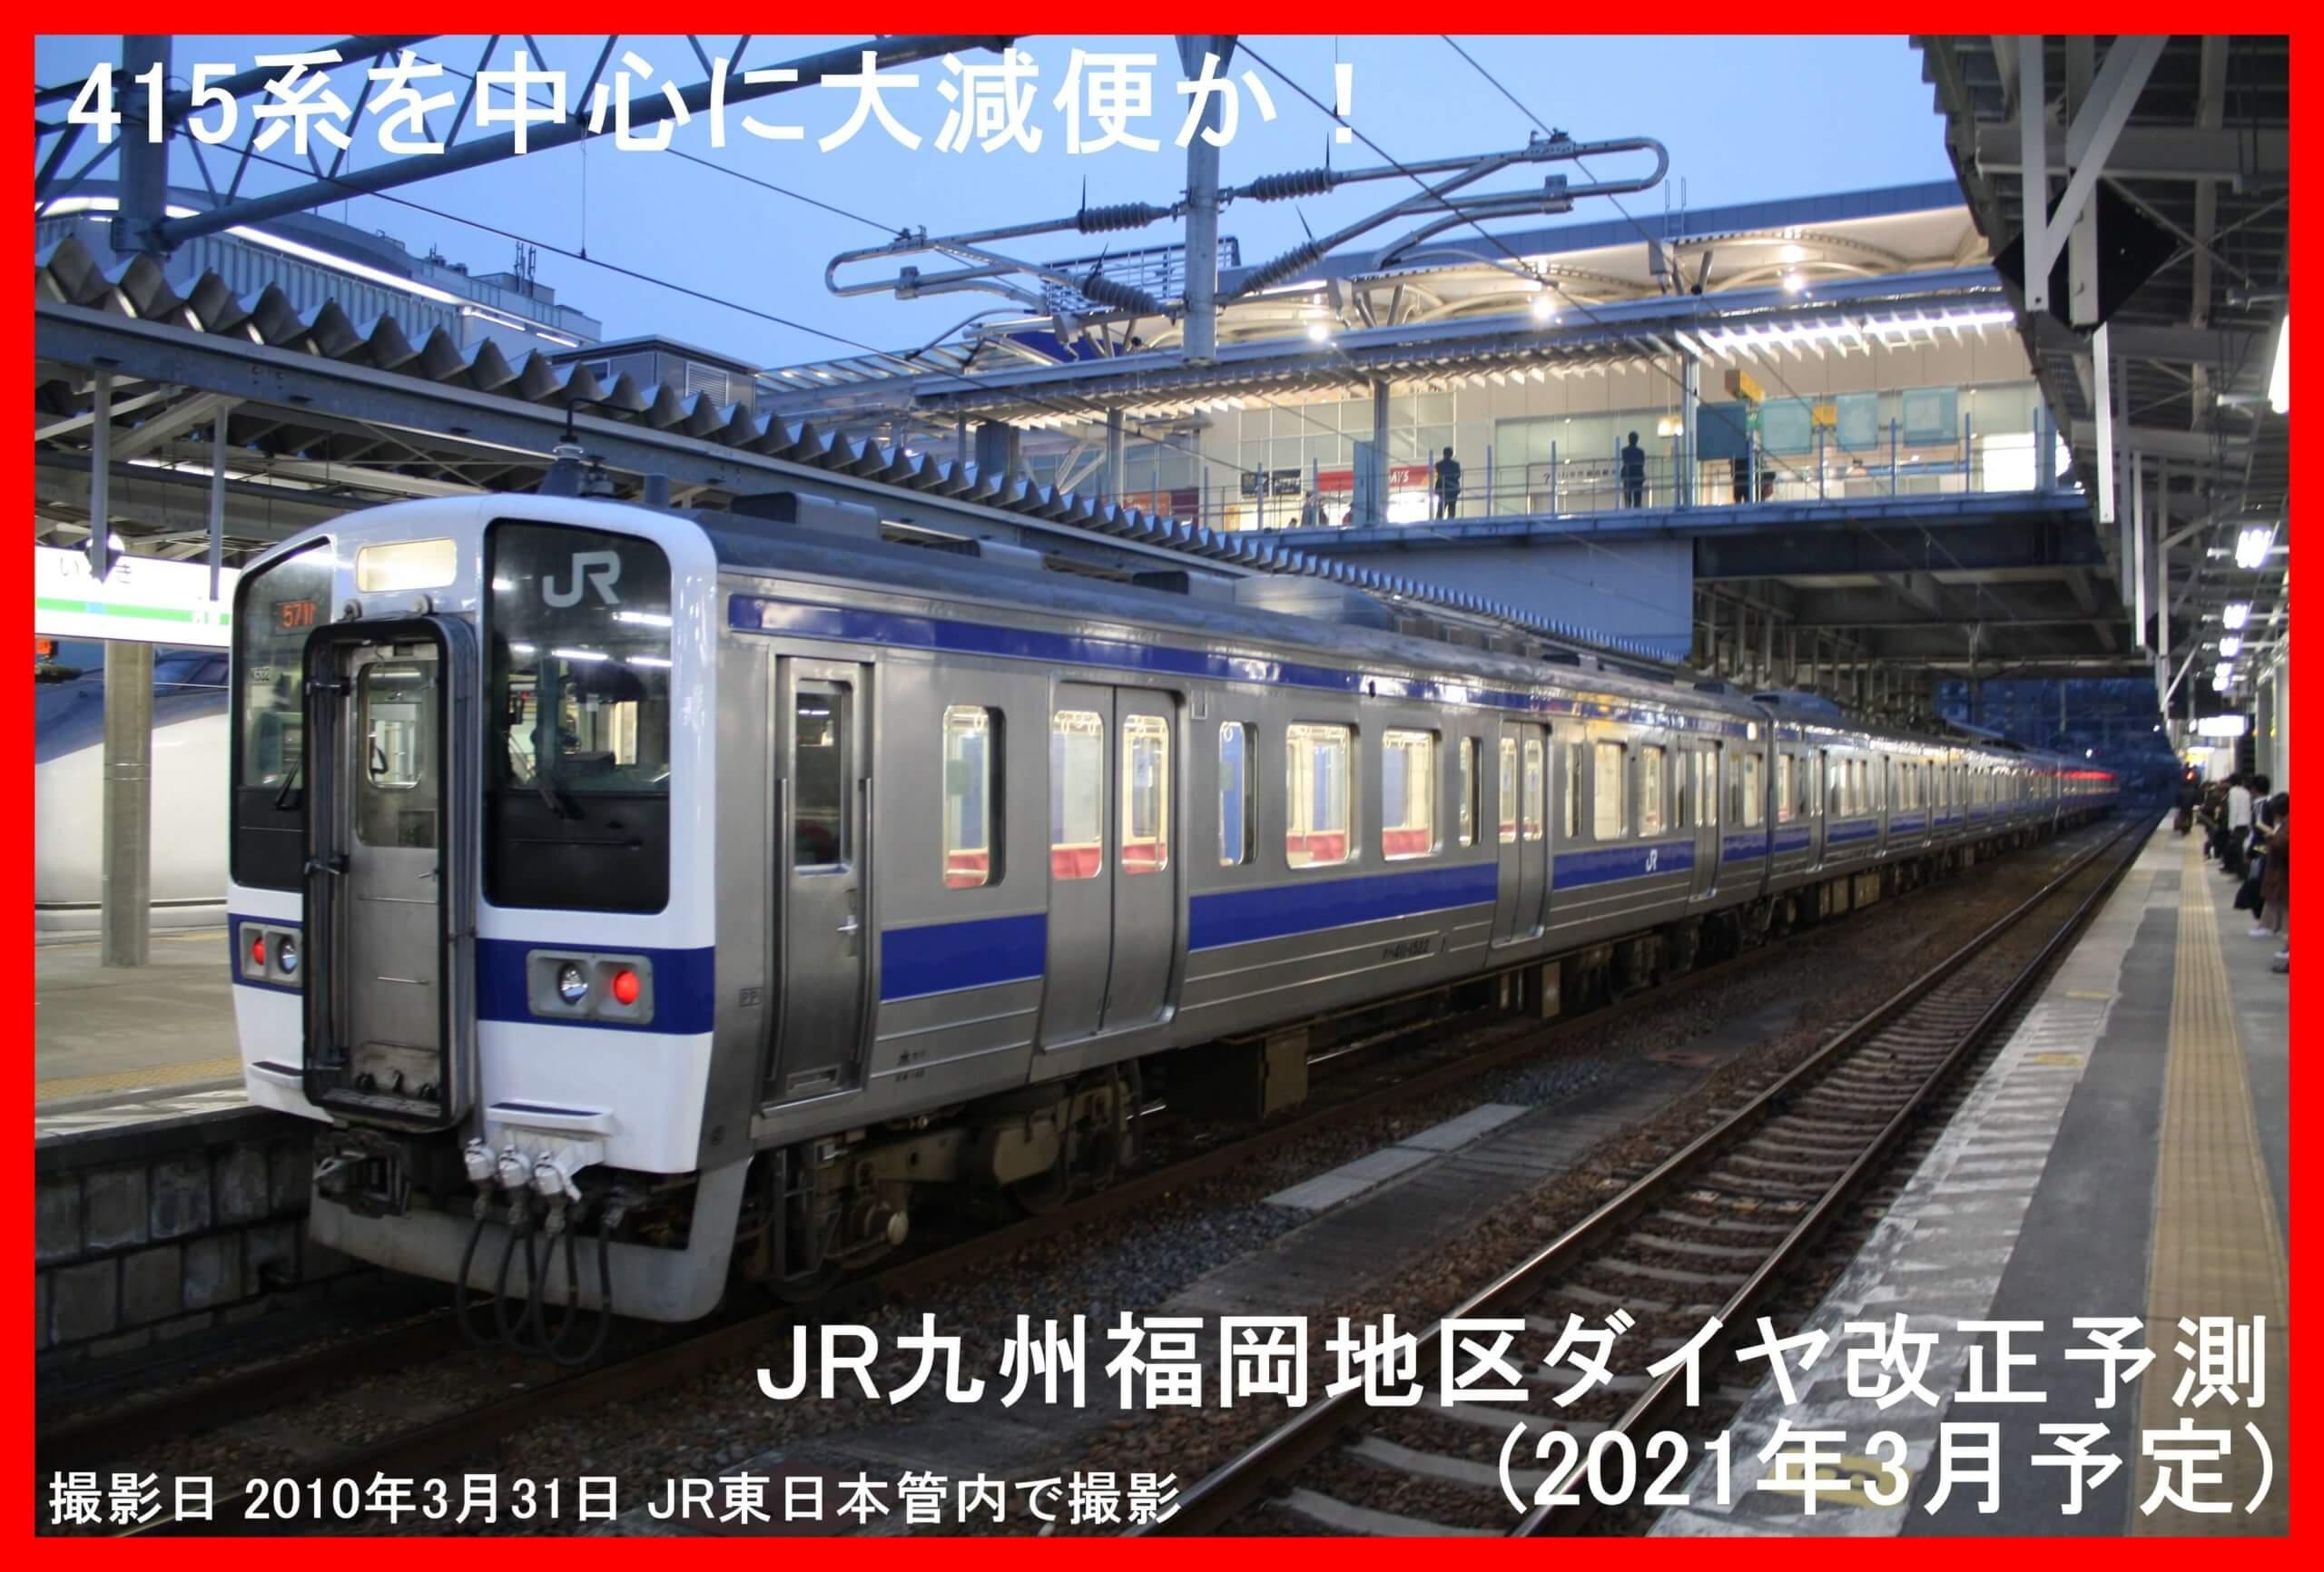 415系を中心に大減便か! JR九州福岡地区ダイヤ改正予測(2021年3月予定)